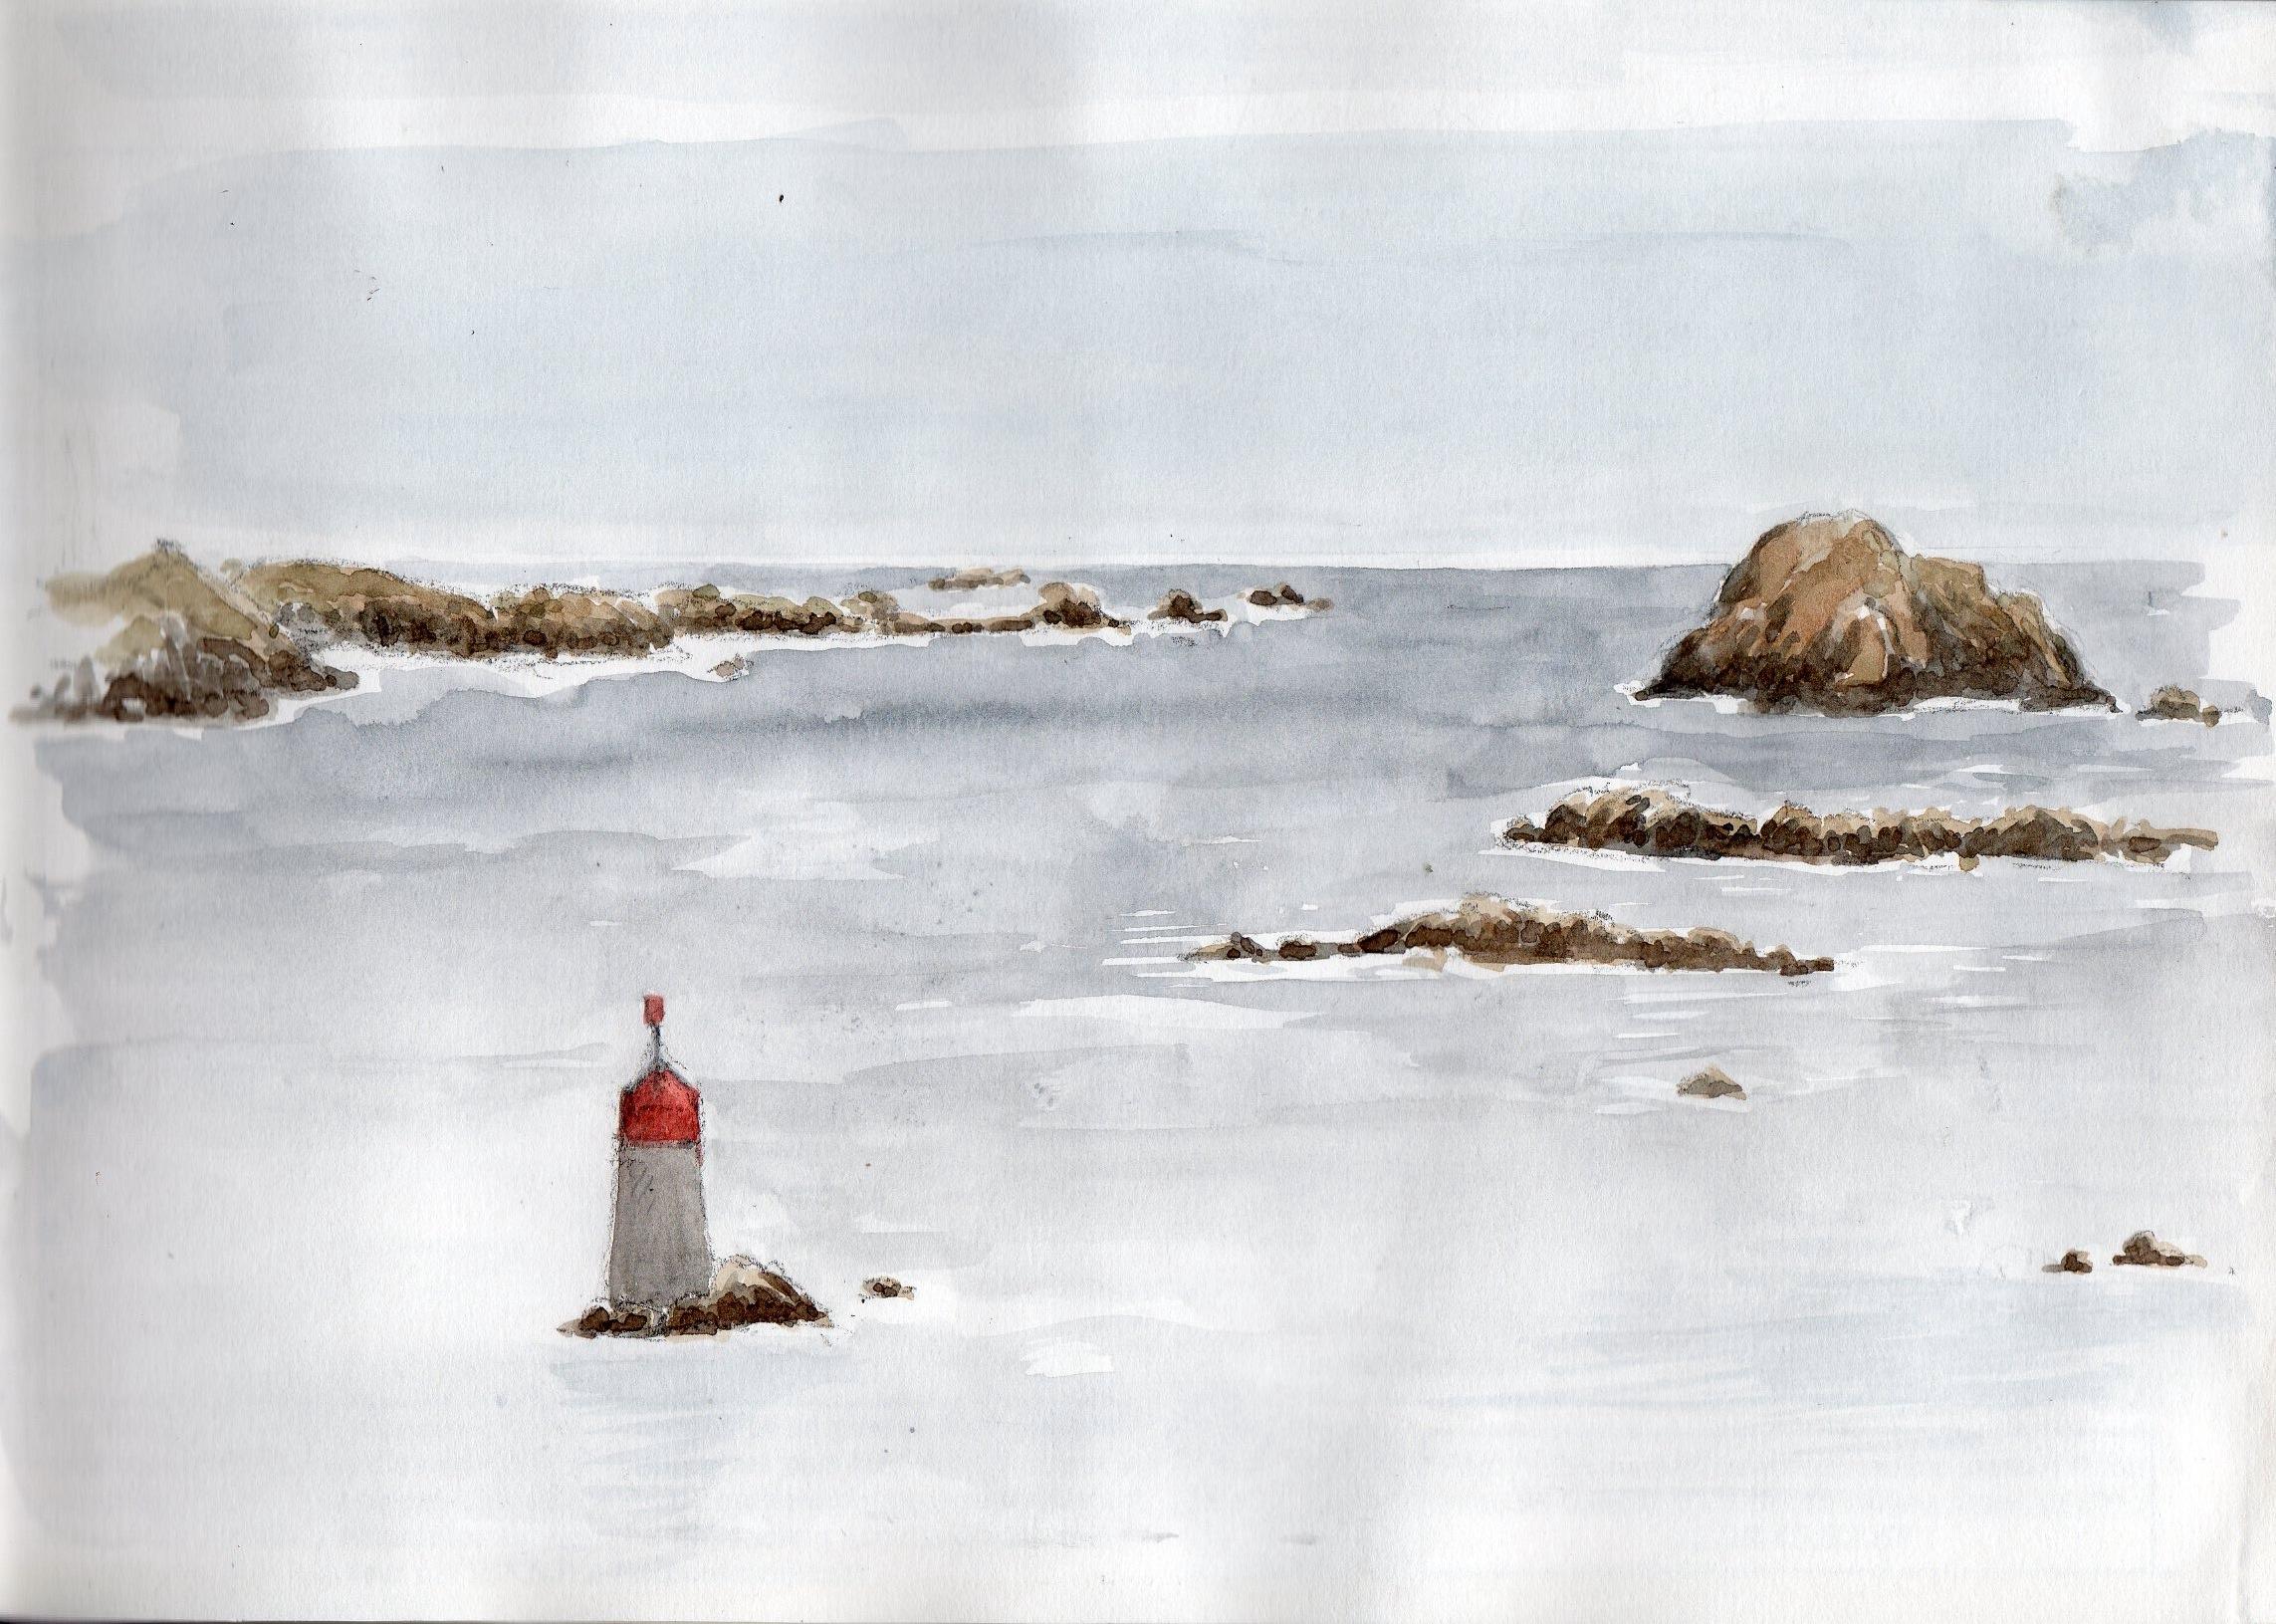 à OUESSANT … une île en mer d'Iroise